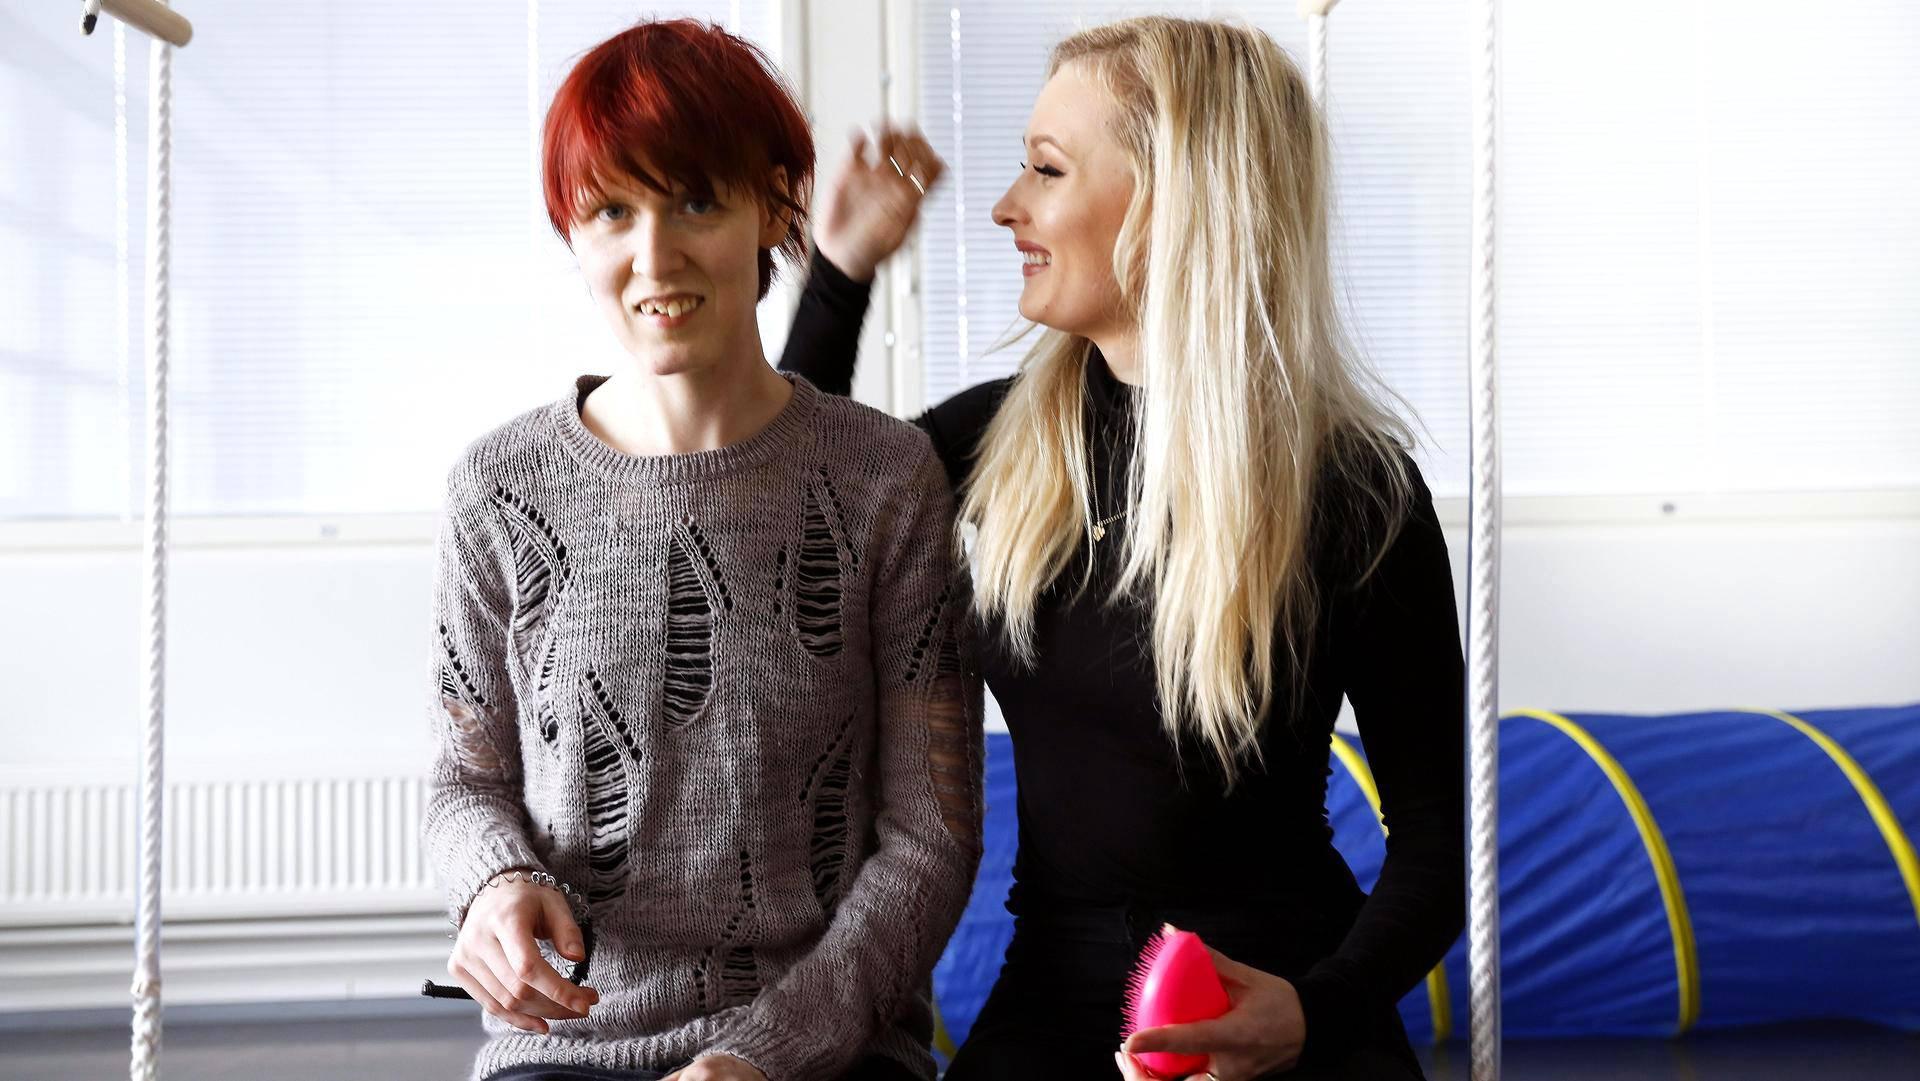 Ninnu Parmaa (vas.) ja Fanni Parmaa yhdistää rakkaus kauniisiin asioihin. Vieraillessaan Ninnun luona Fanni harjaa usein tämän hiukset.